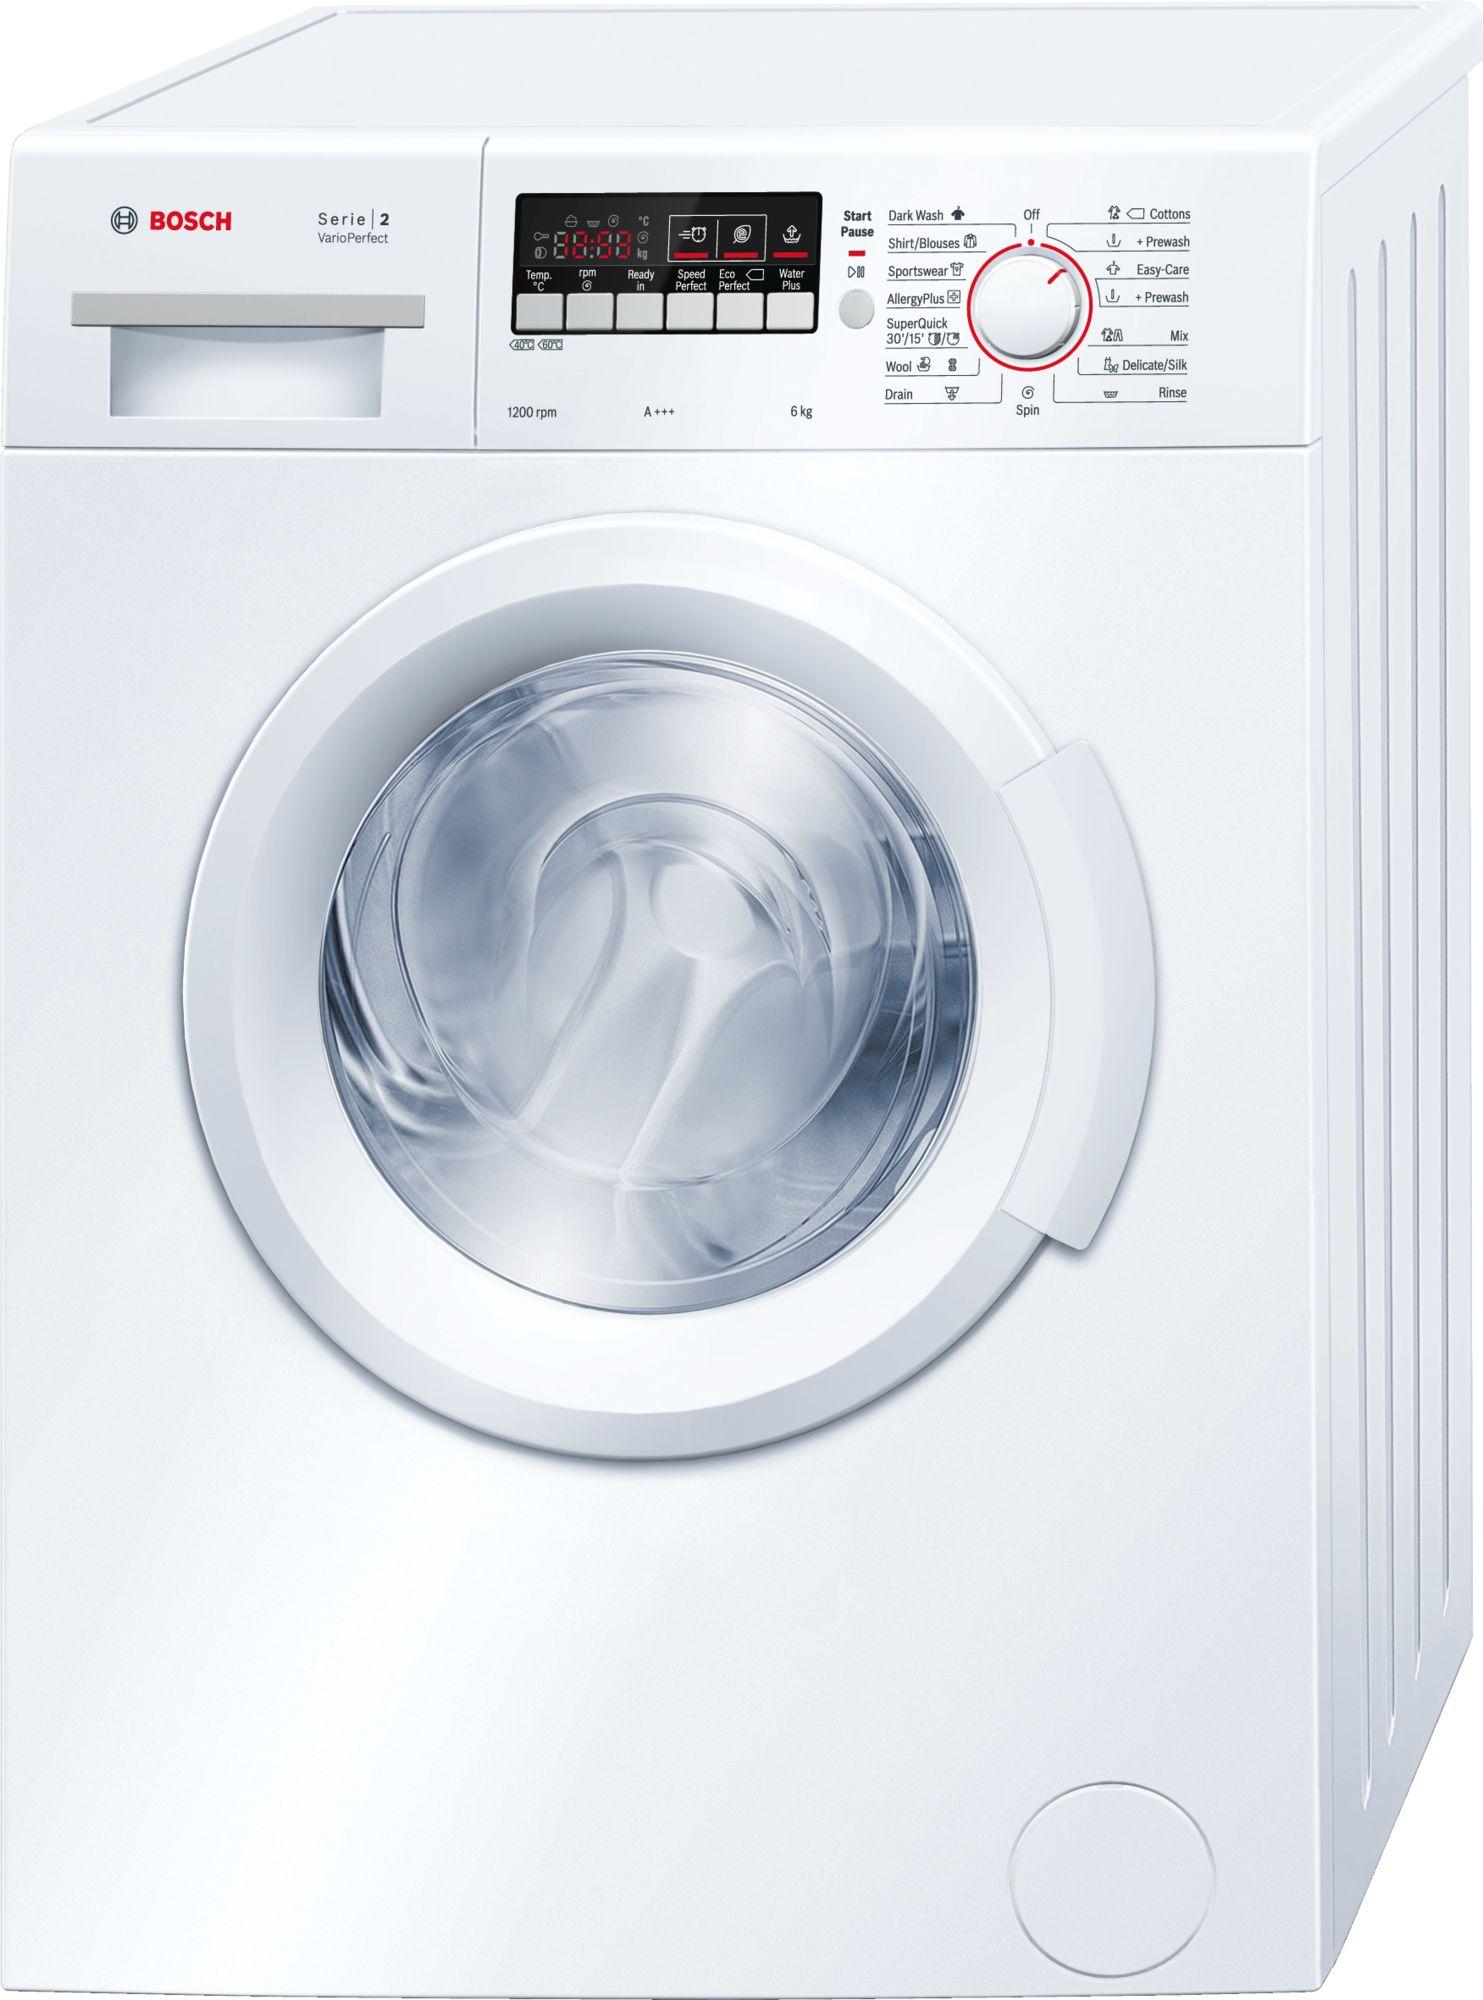 Serie | 2 Mašina za pranje veša